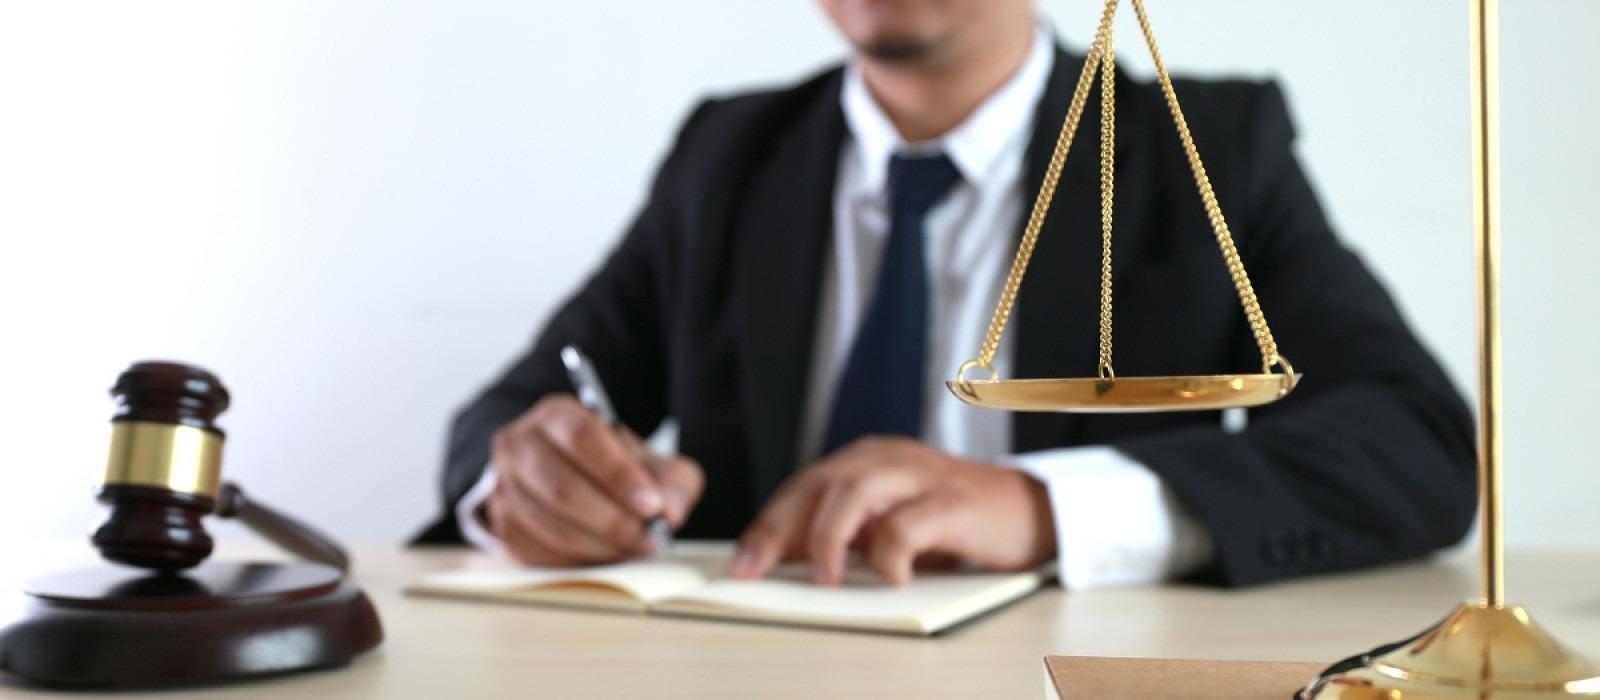 Τα έσπασαν οι δικηγόροι με την κυβέρνηση – Αποχωρούν από το διάλογο για το επίδομα των 400 ευρώ